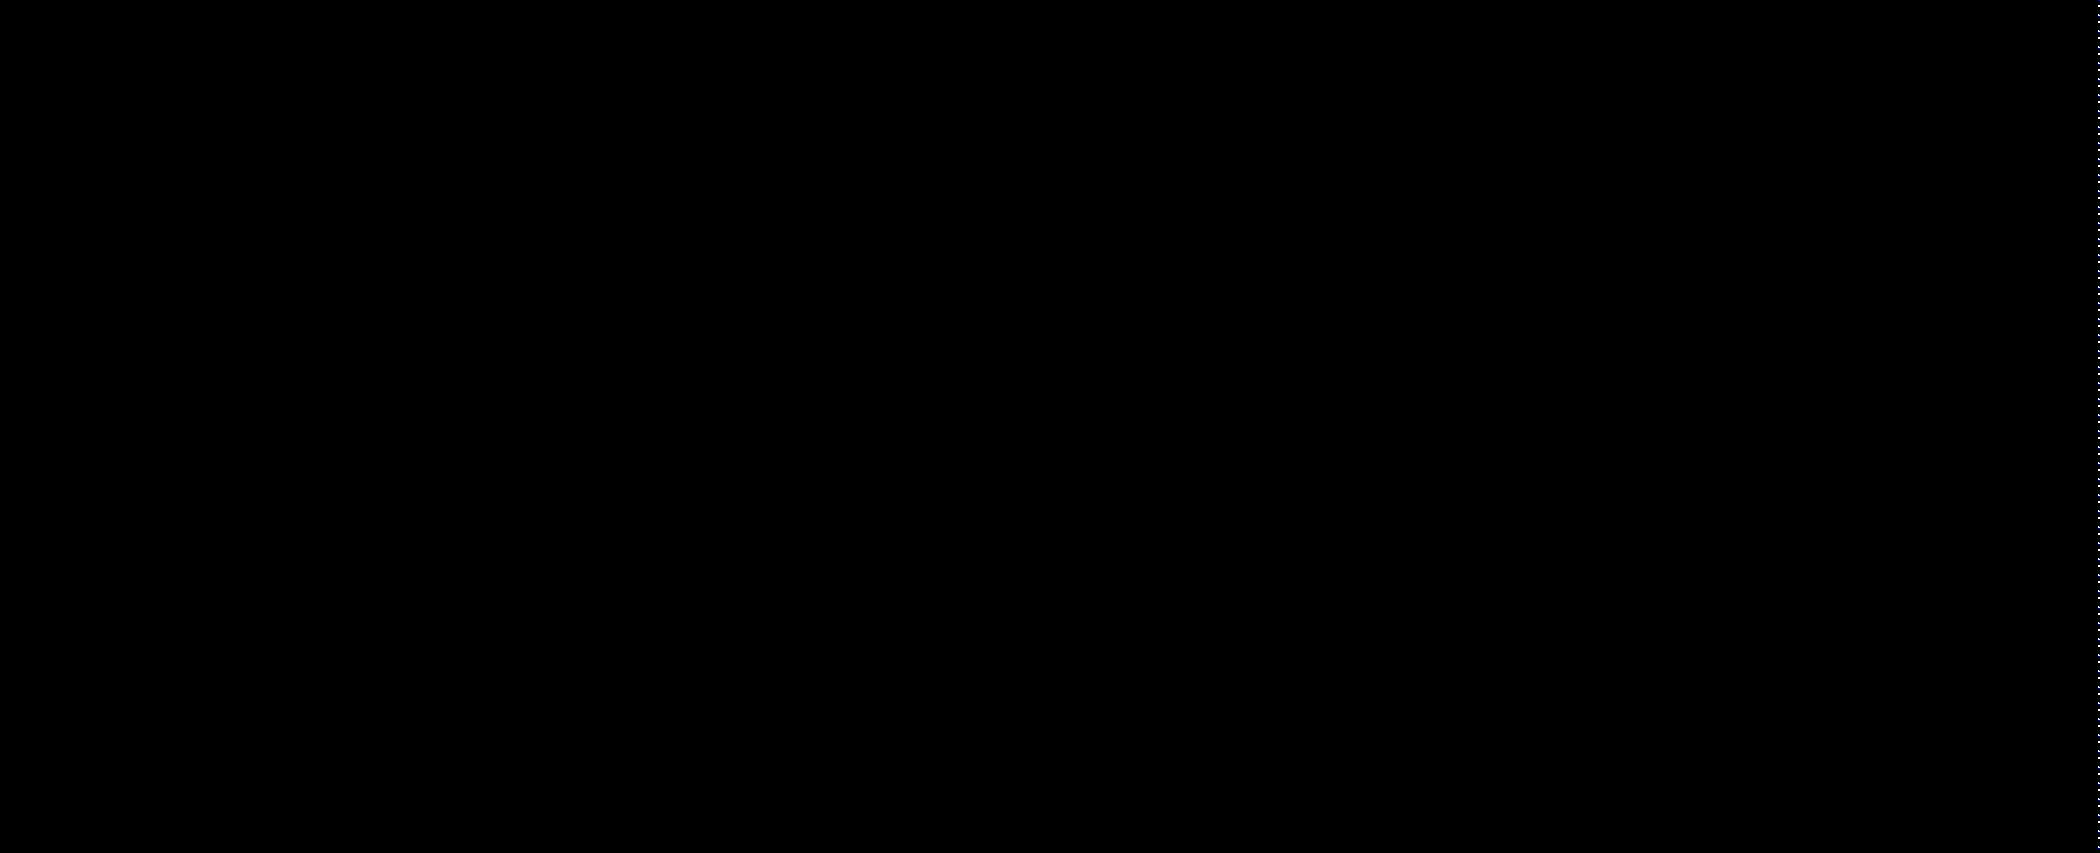 vans logo 1 - Vans Logo